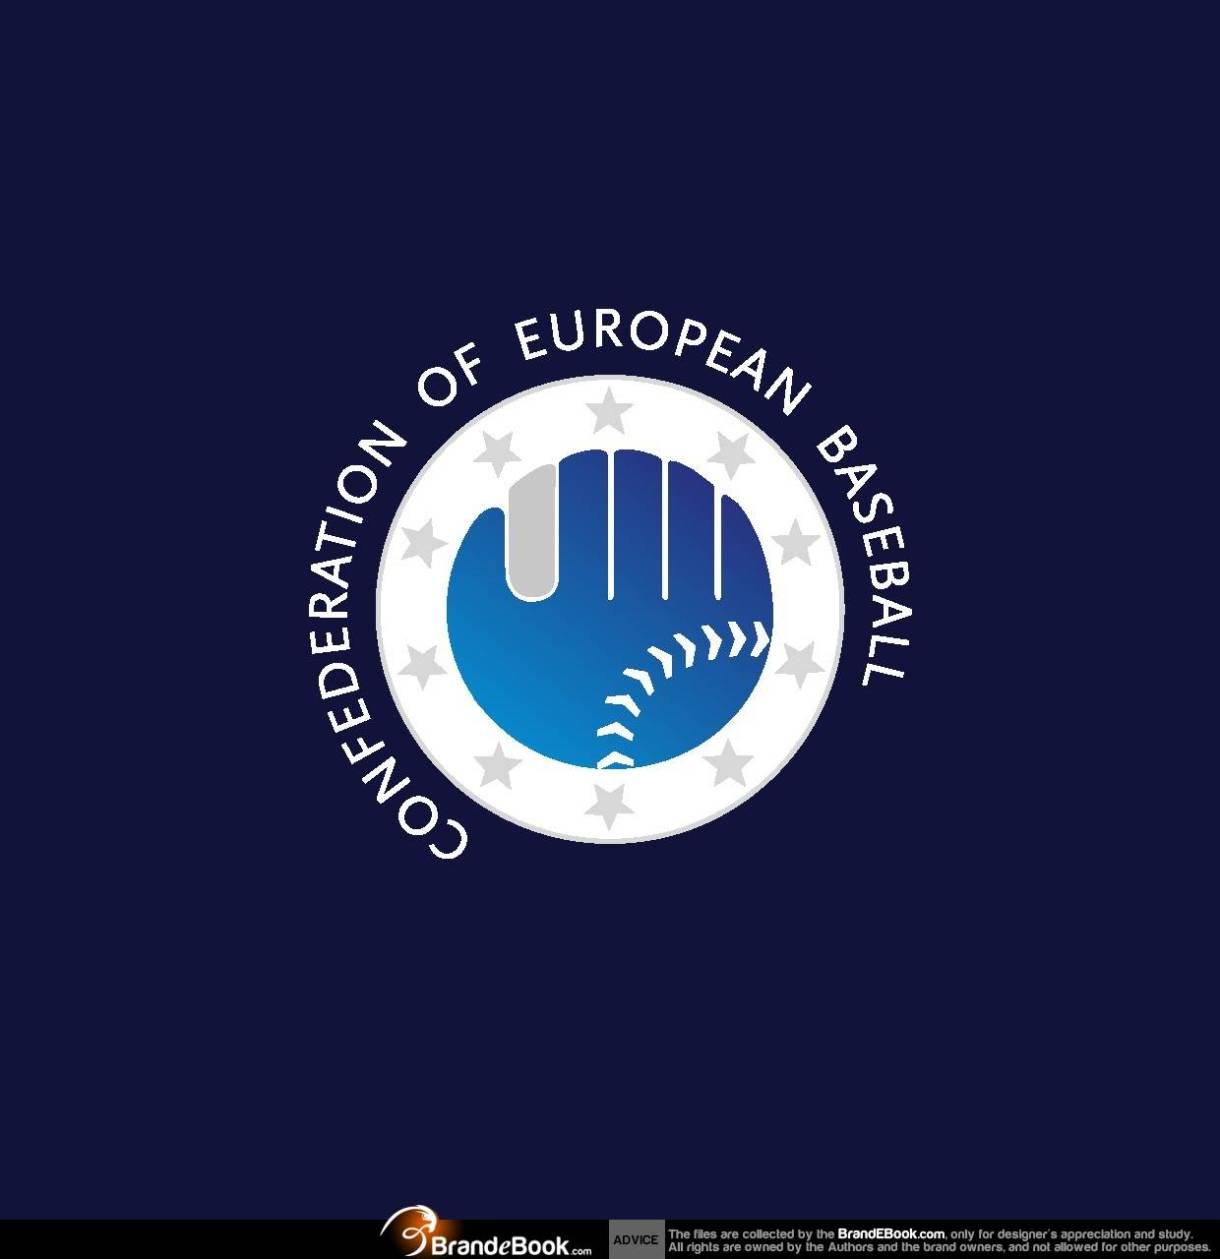 confederation-european-baseball-logo